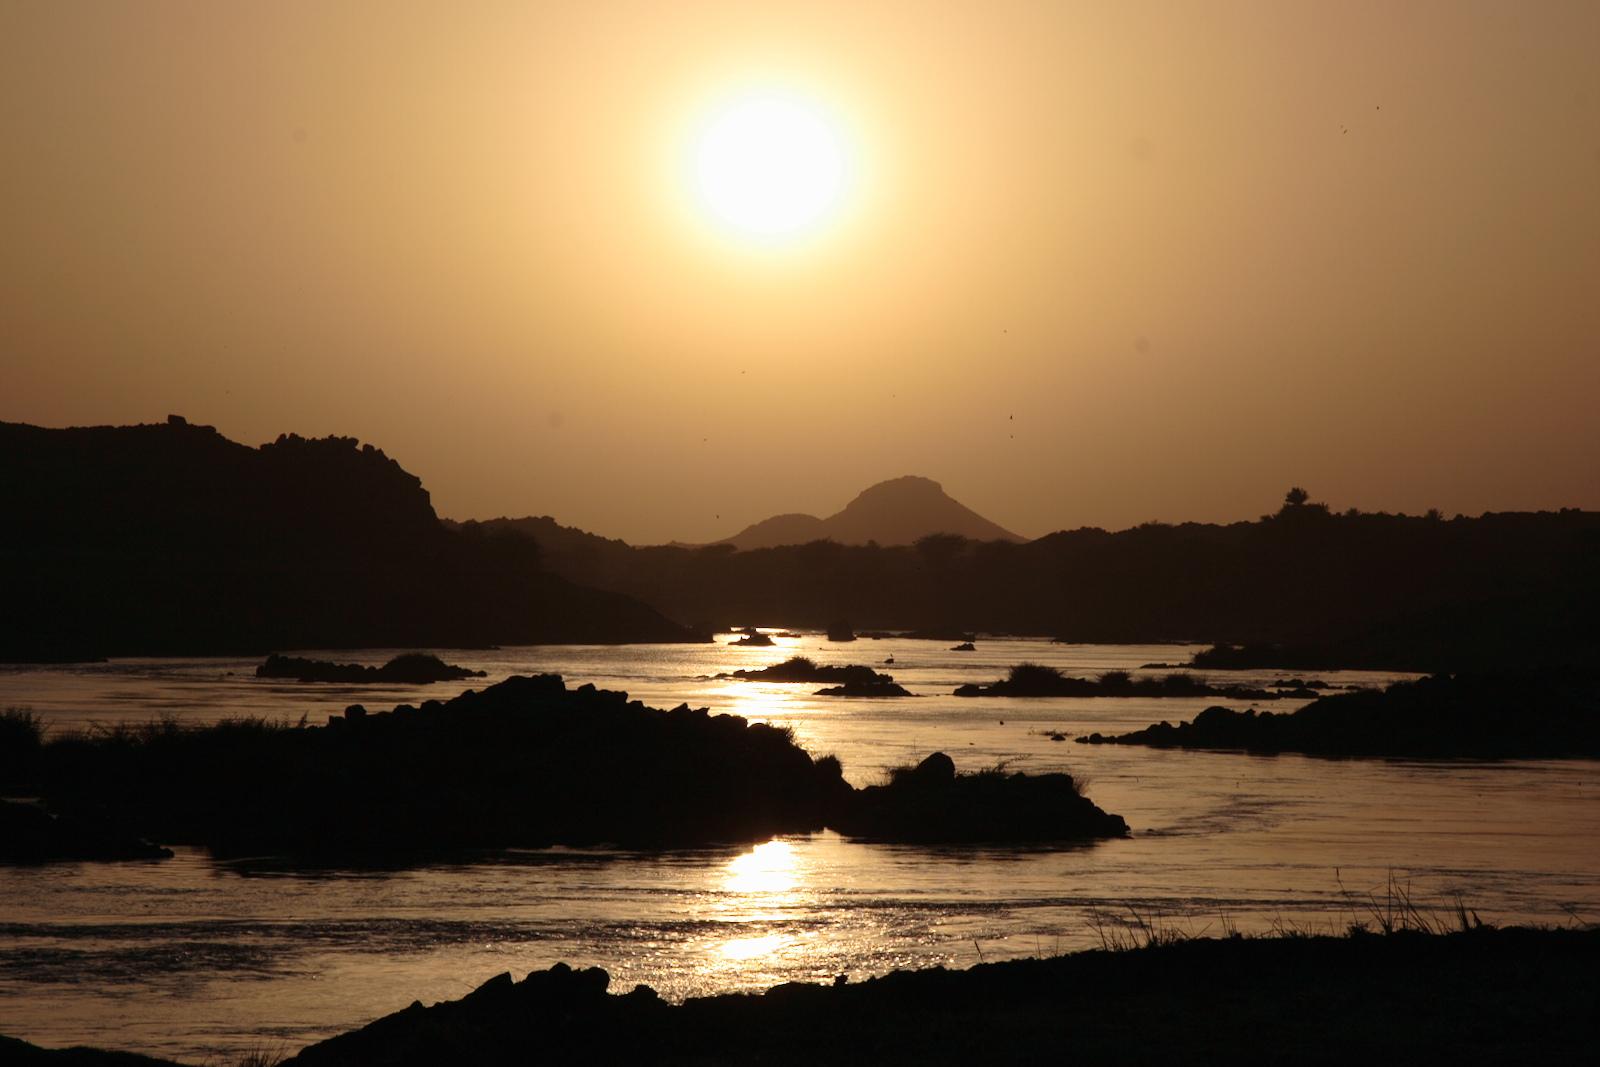 Nile sunset dar almanasir